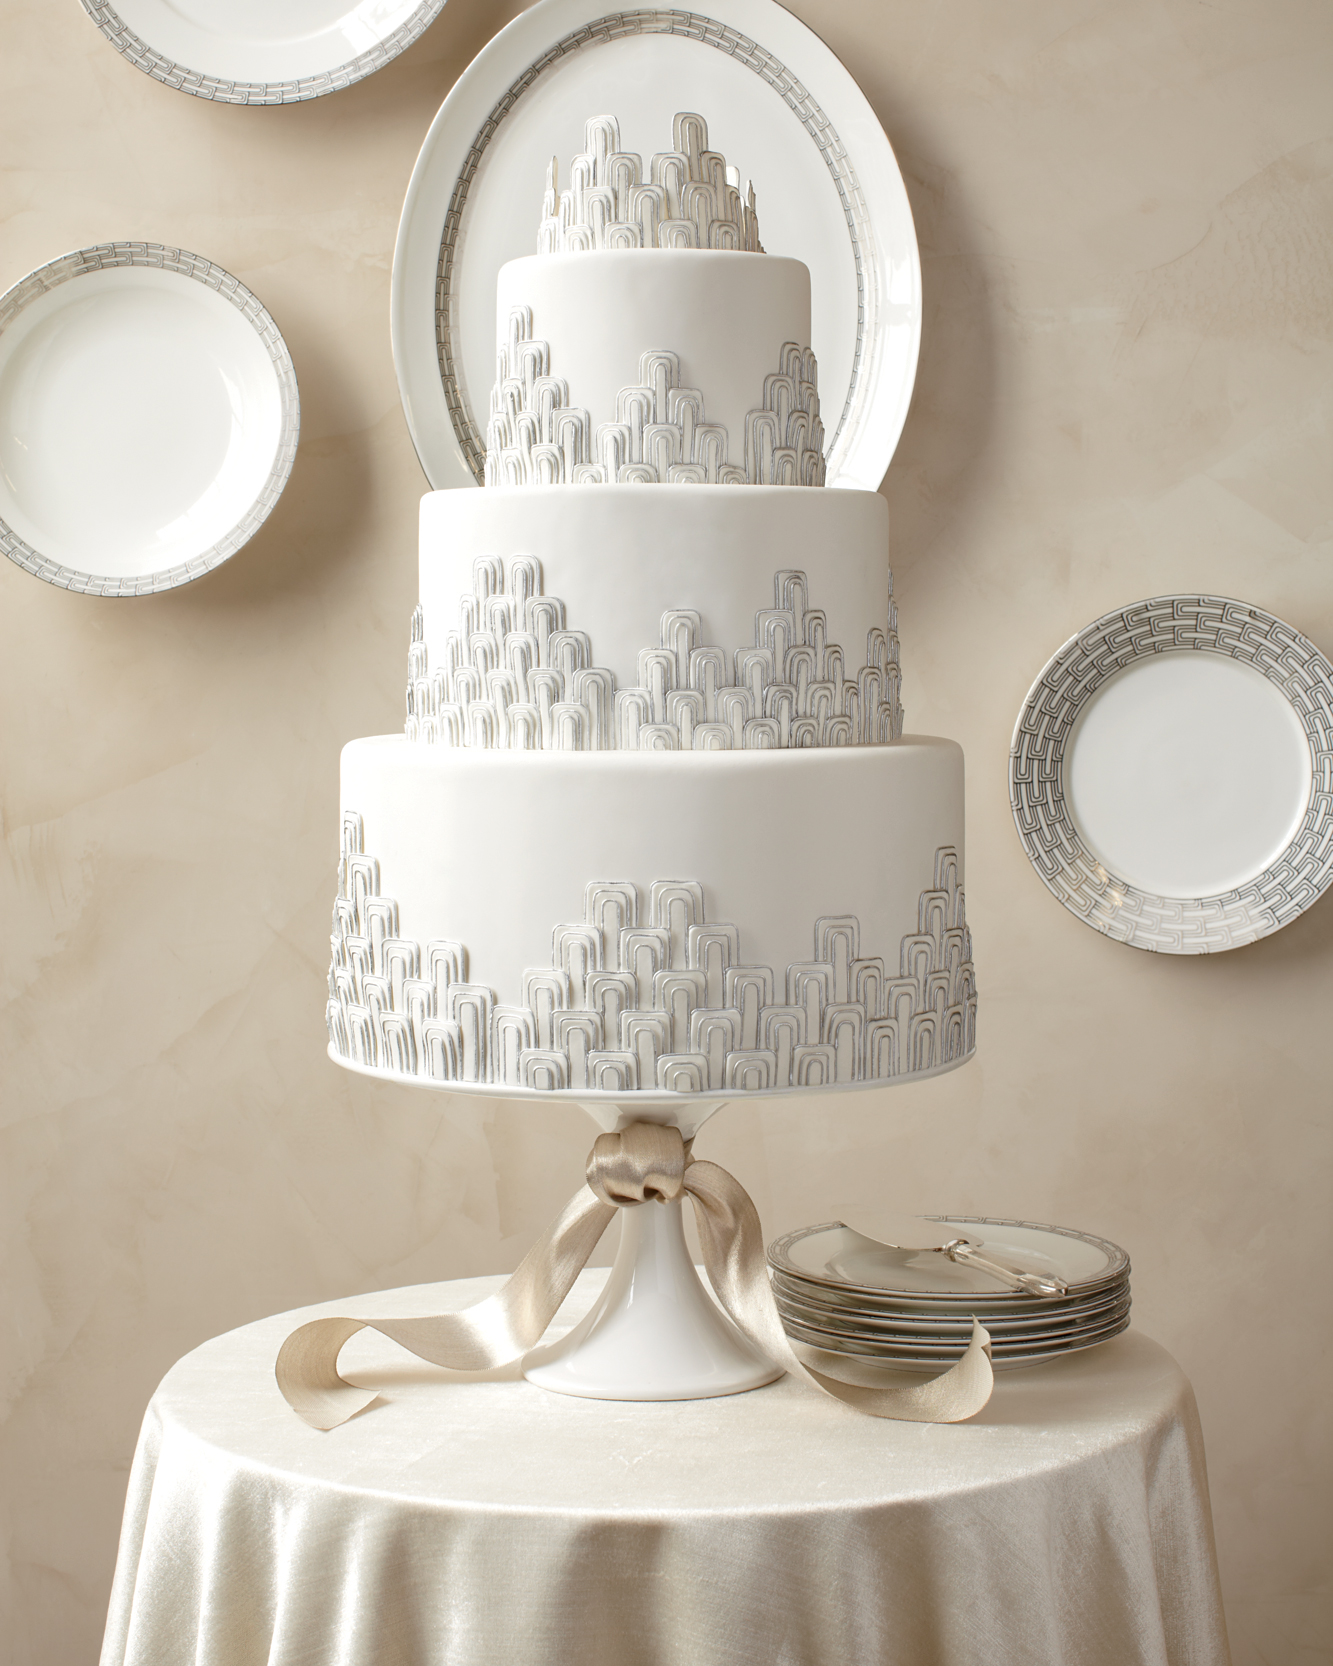 martha-cake-mwd107844.jpg